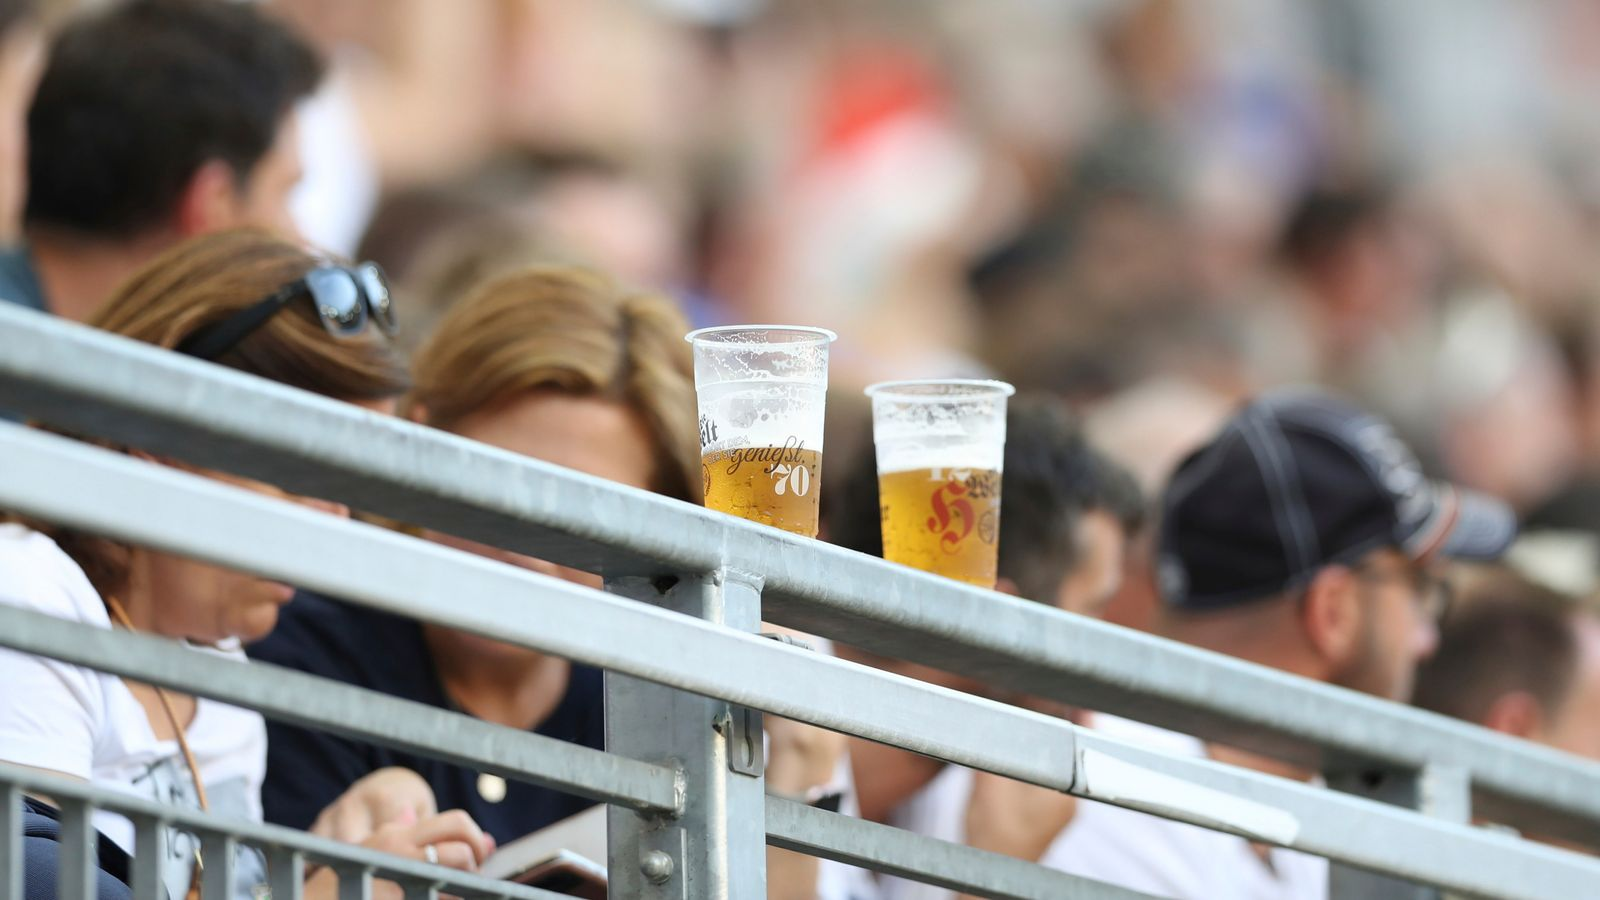 skysports-beer-football-stands_5546188.jpg?20211014125201